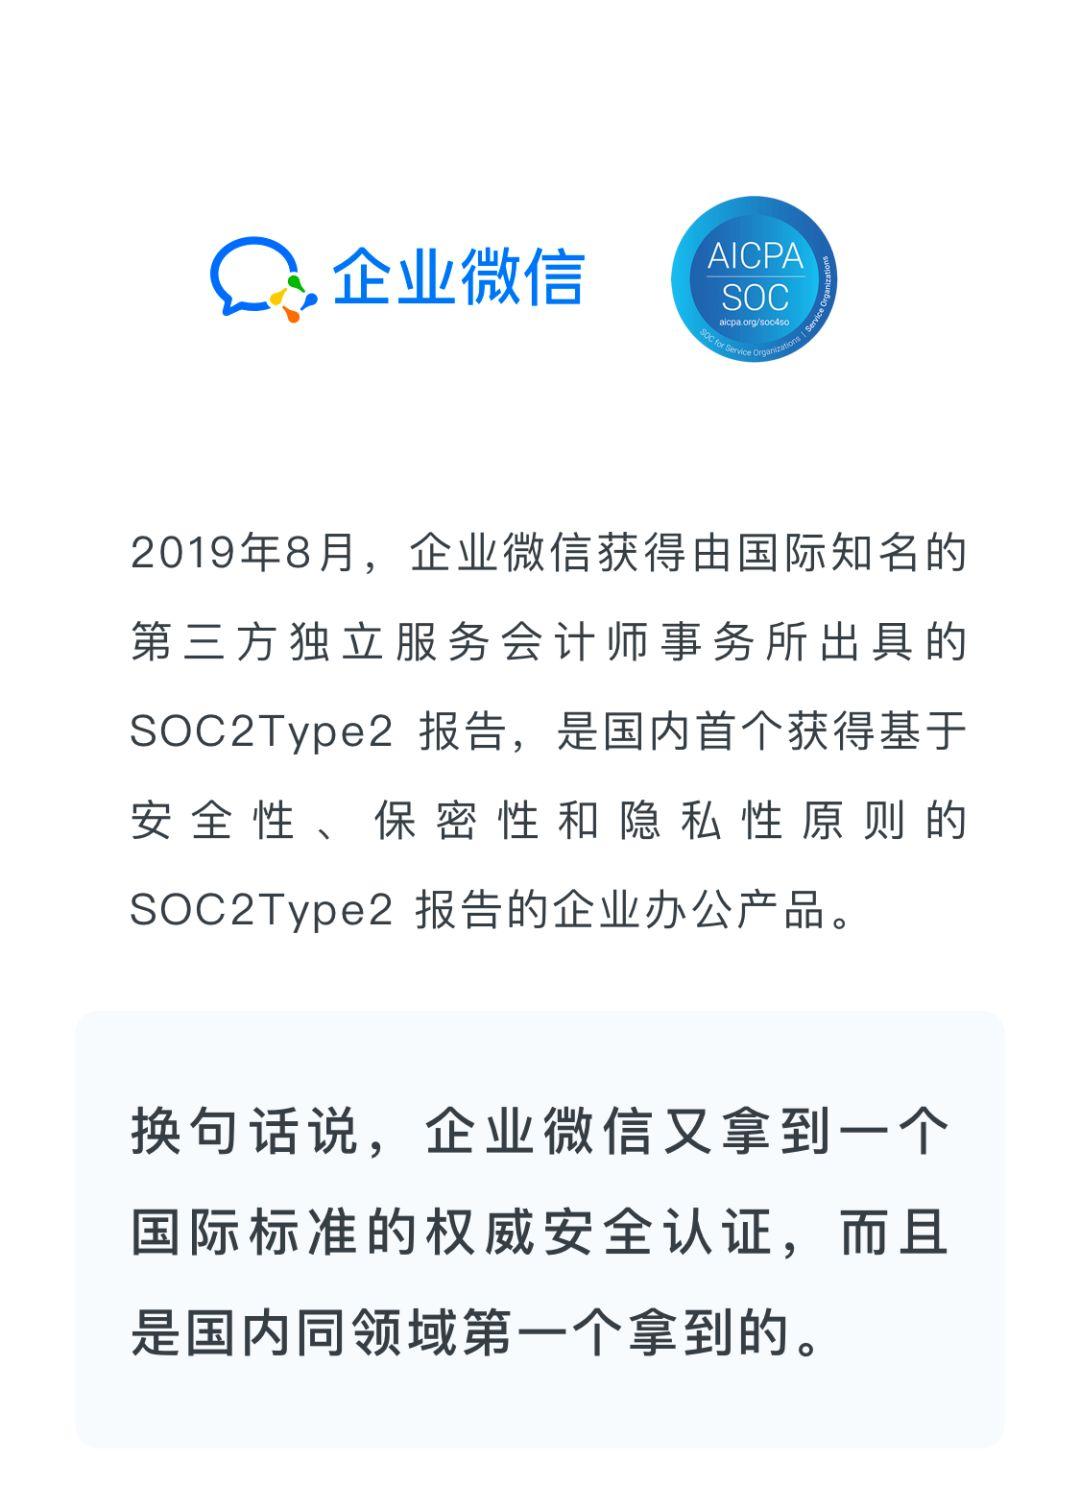 企业微信获得 SOC2Type2 报告